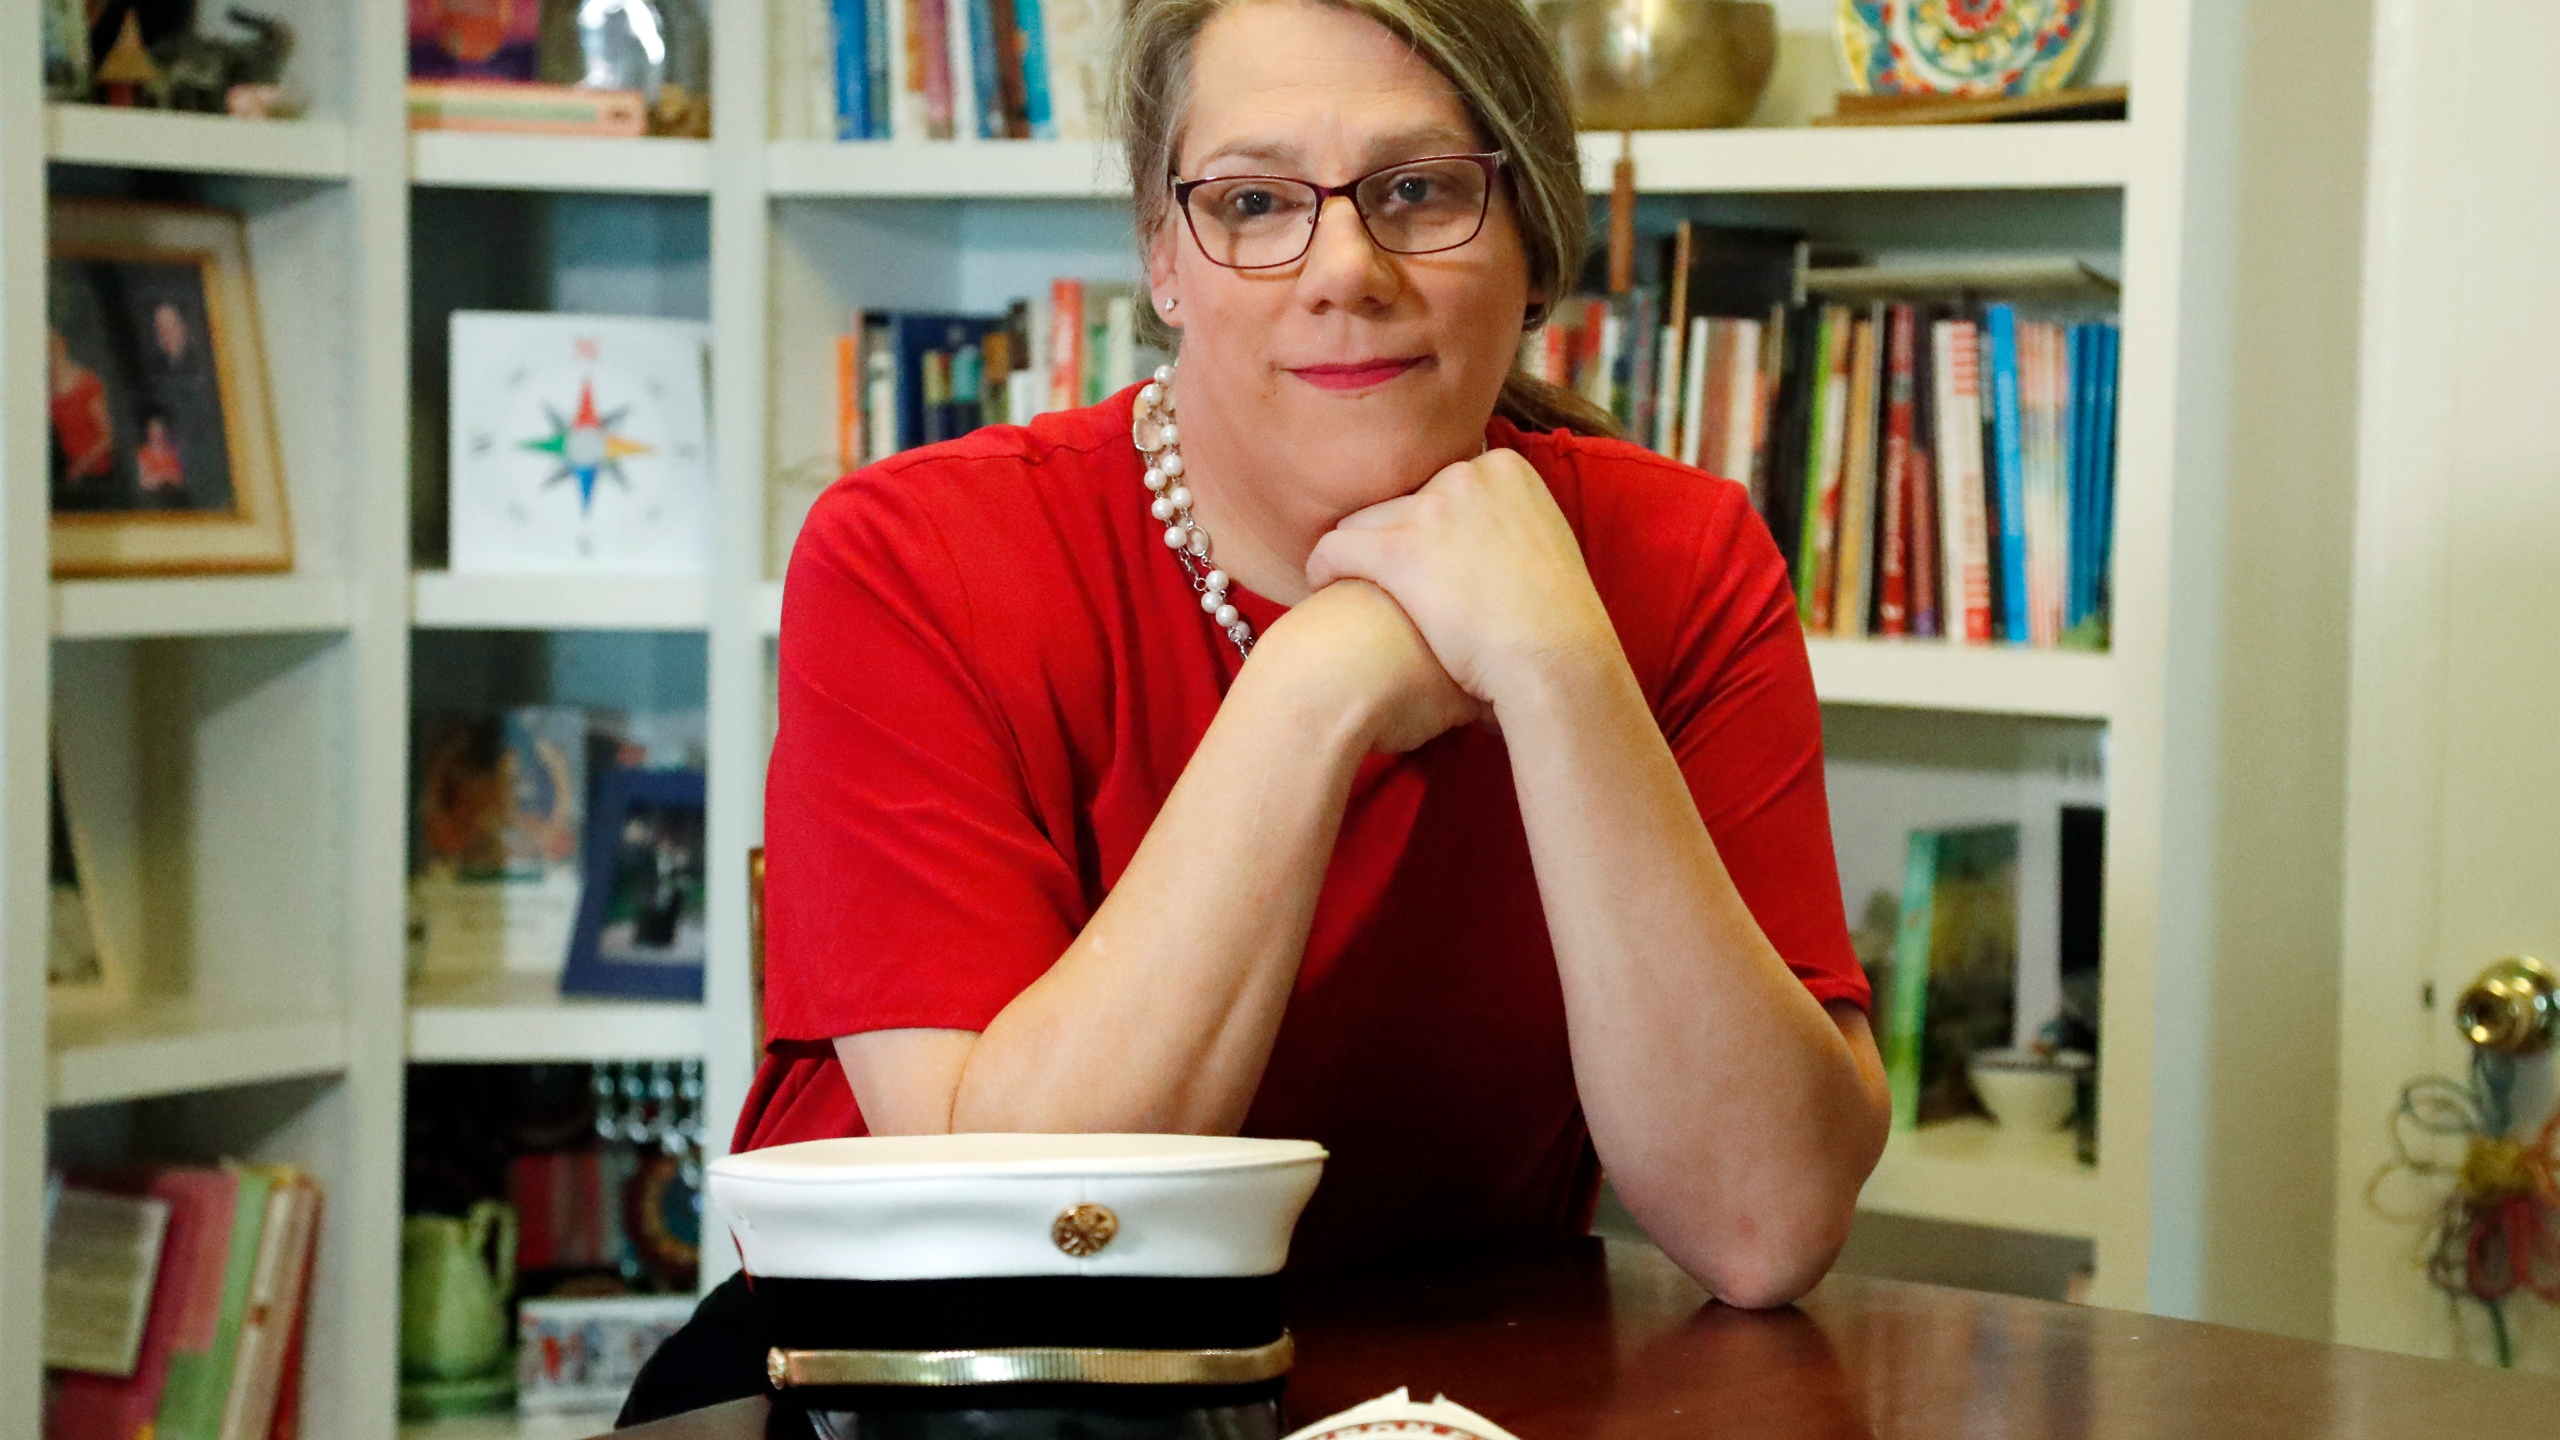 Rachel Mosby